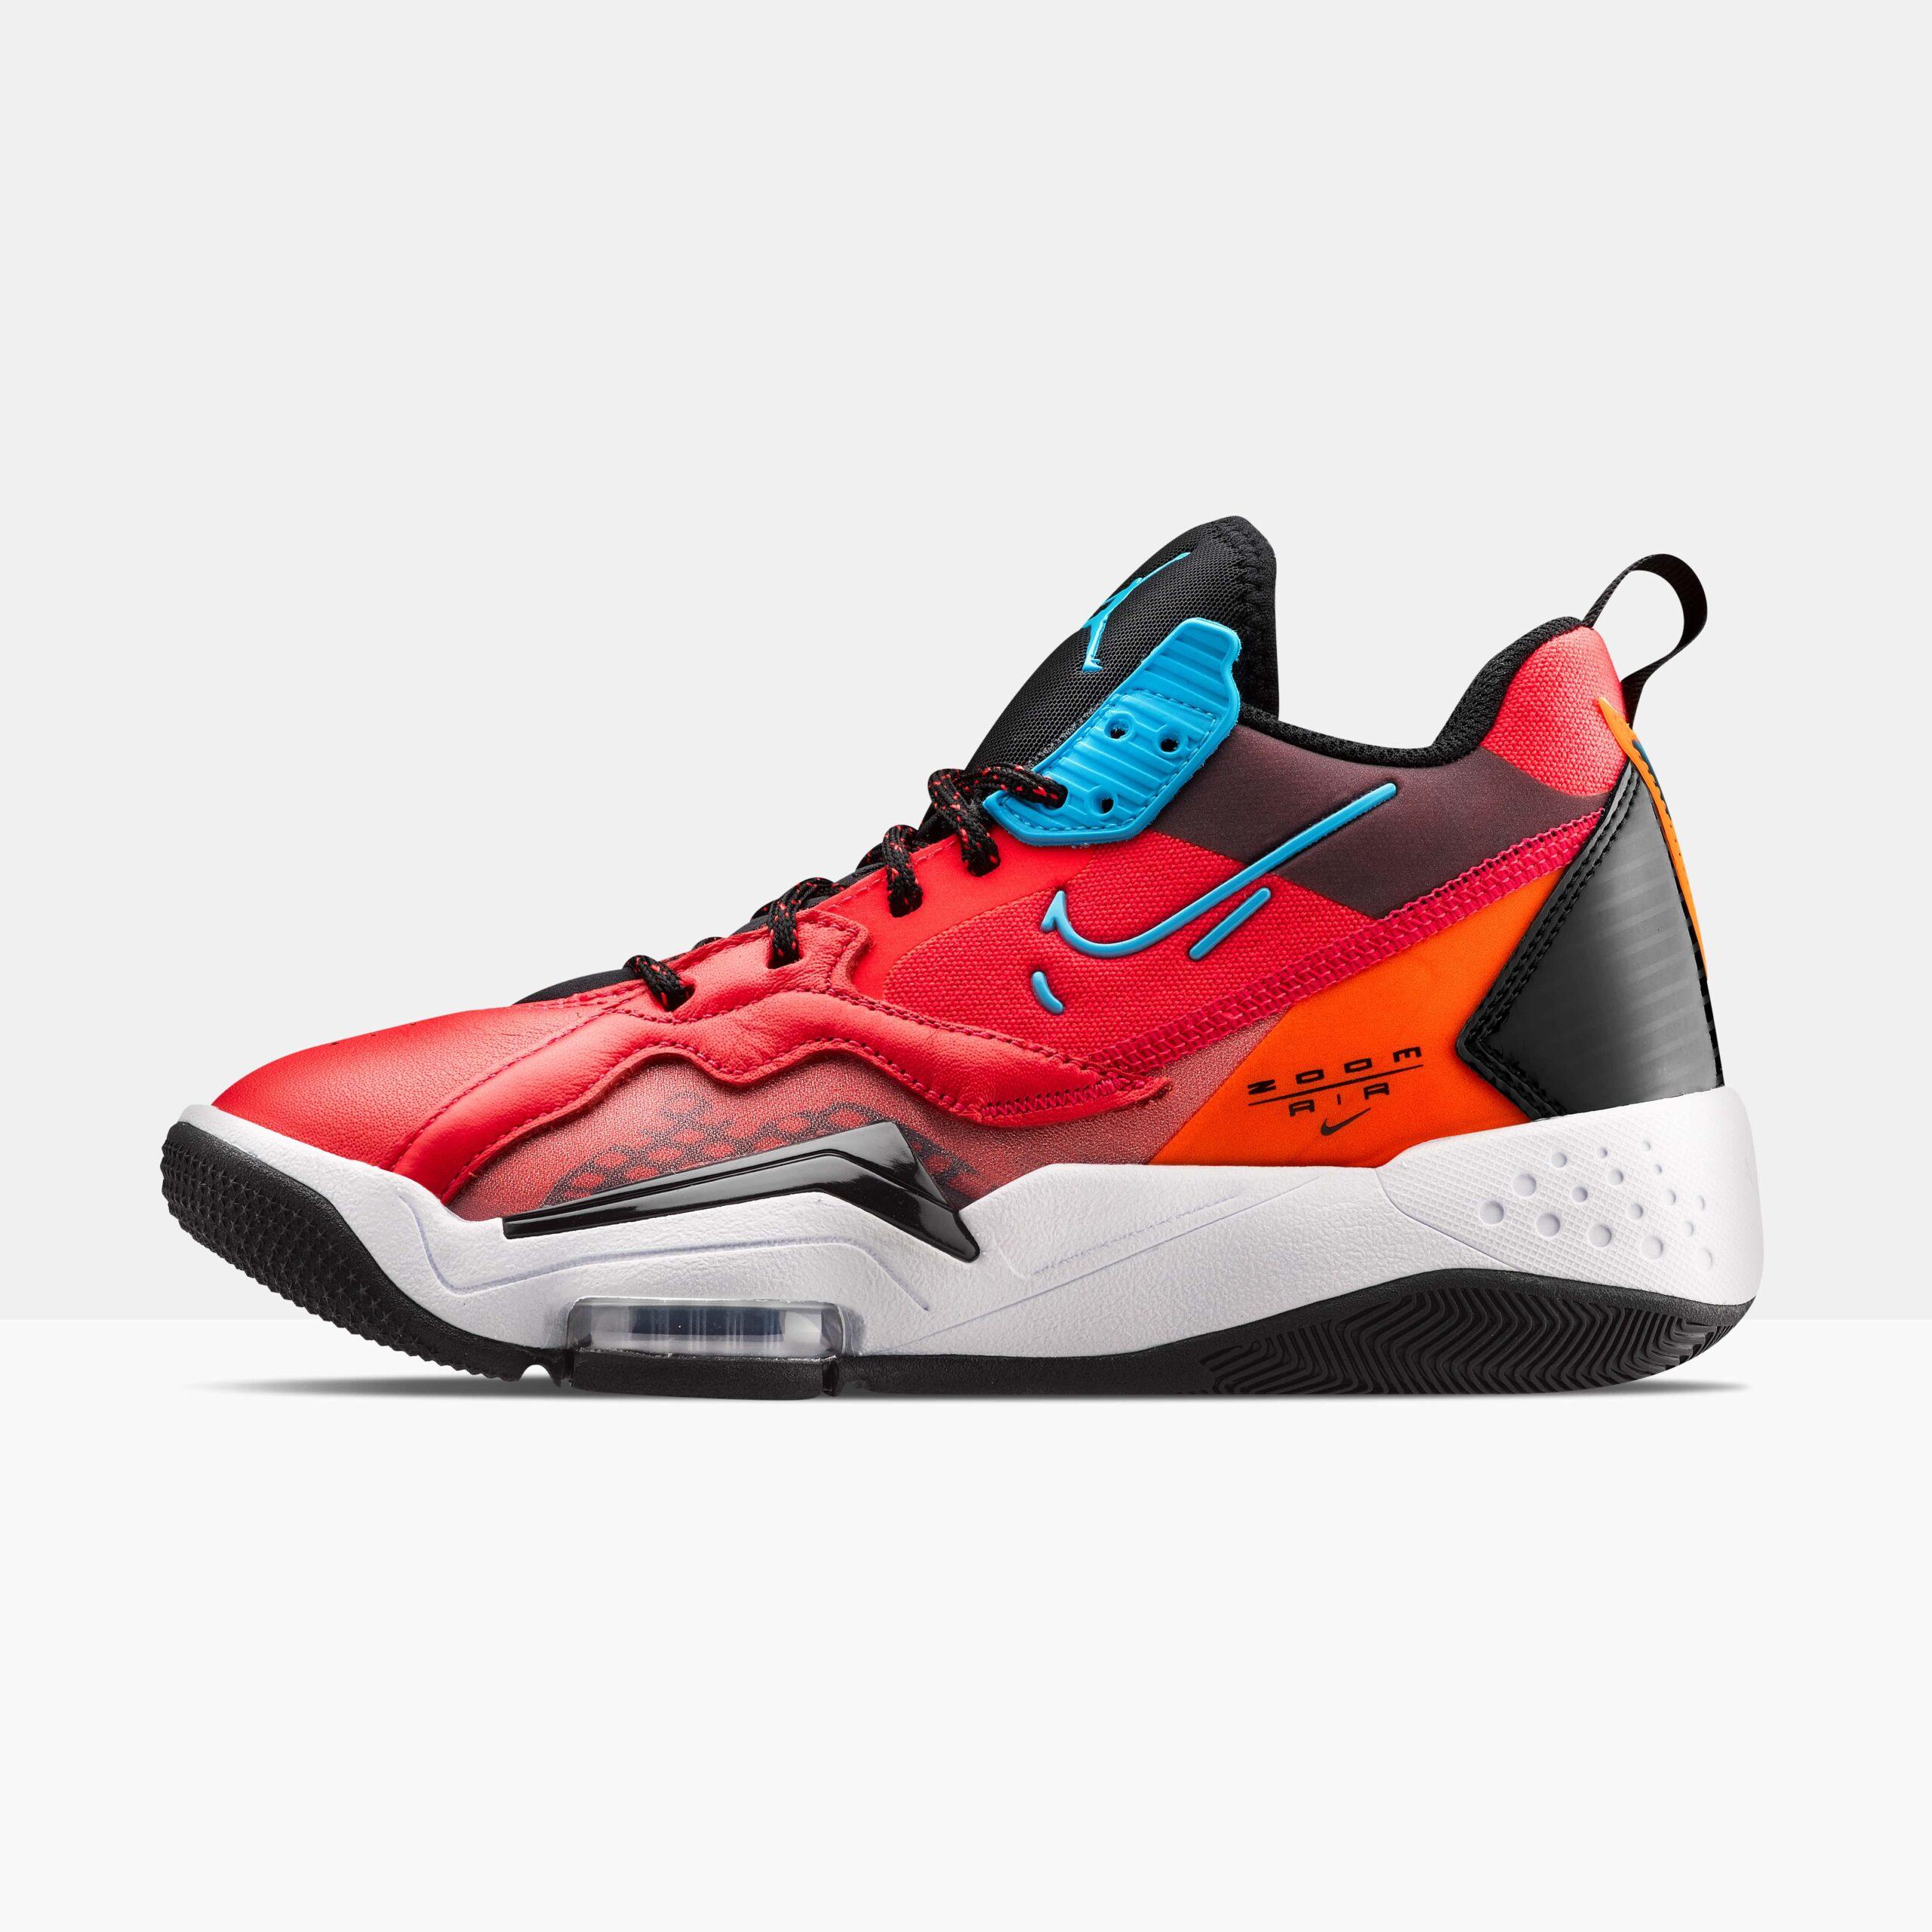 Nike Jordan zoom '92 (1)